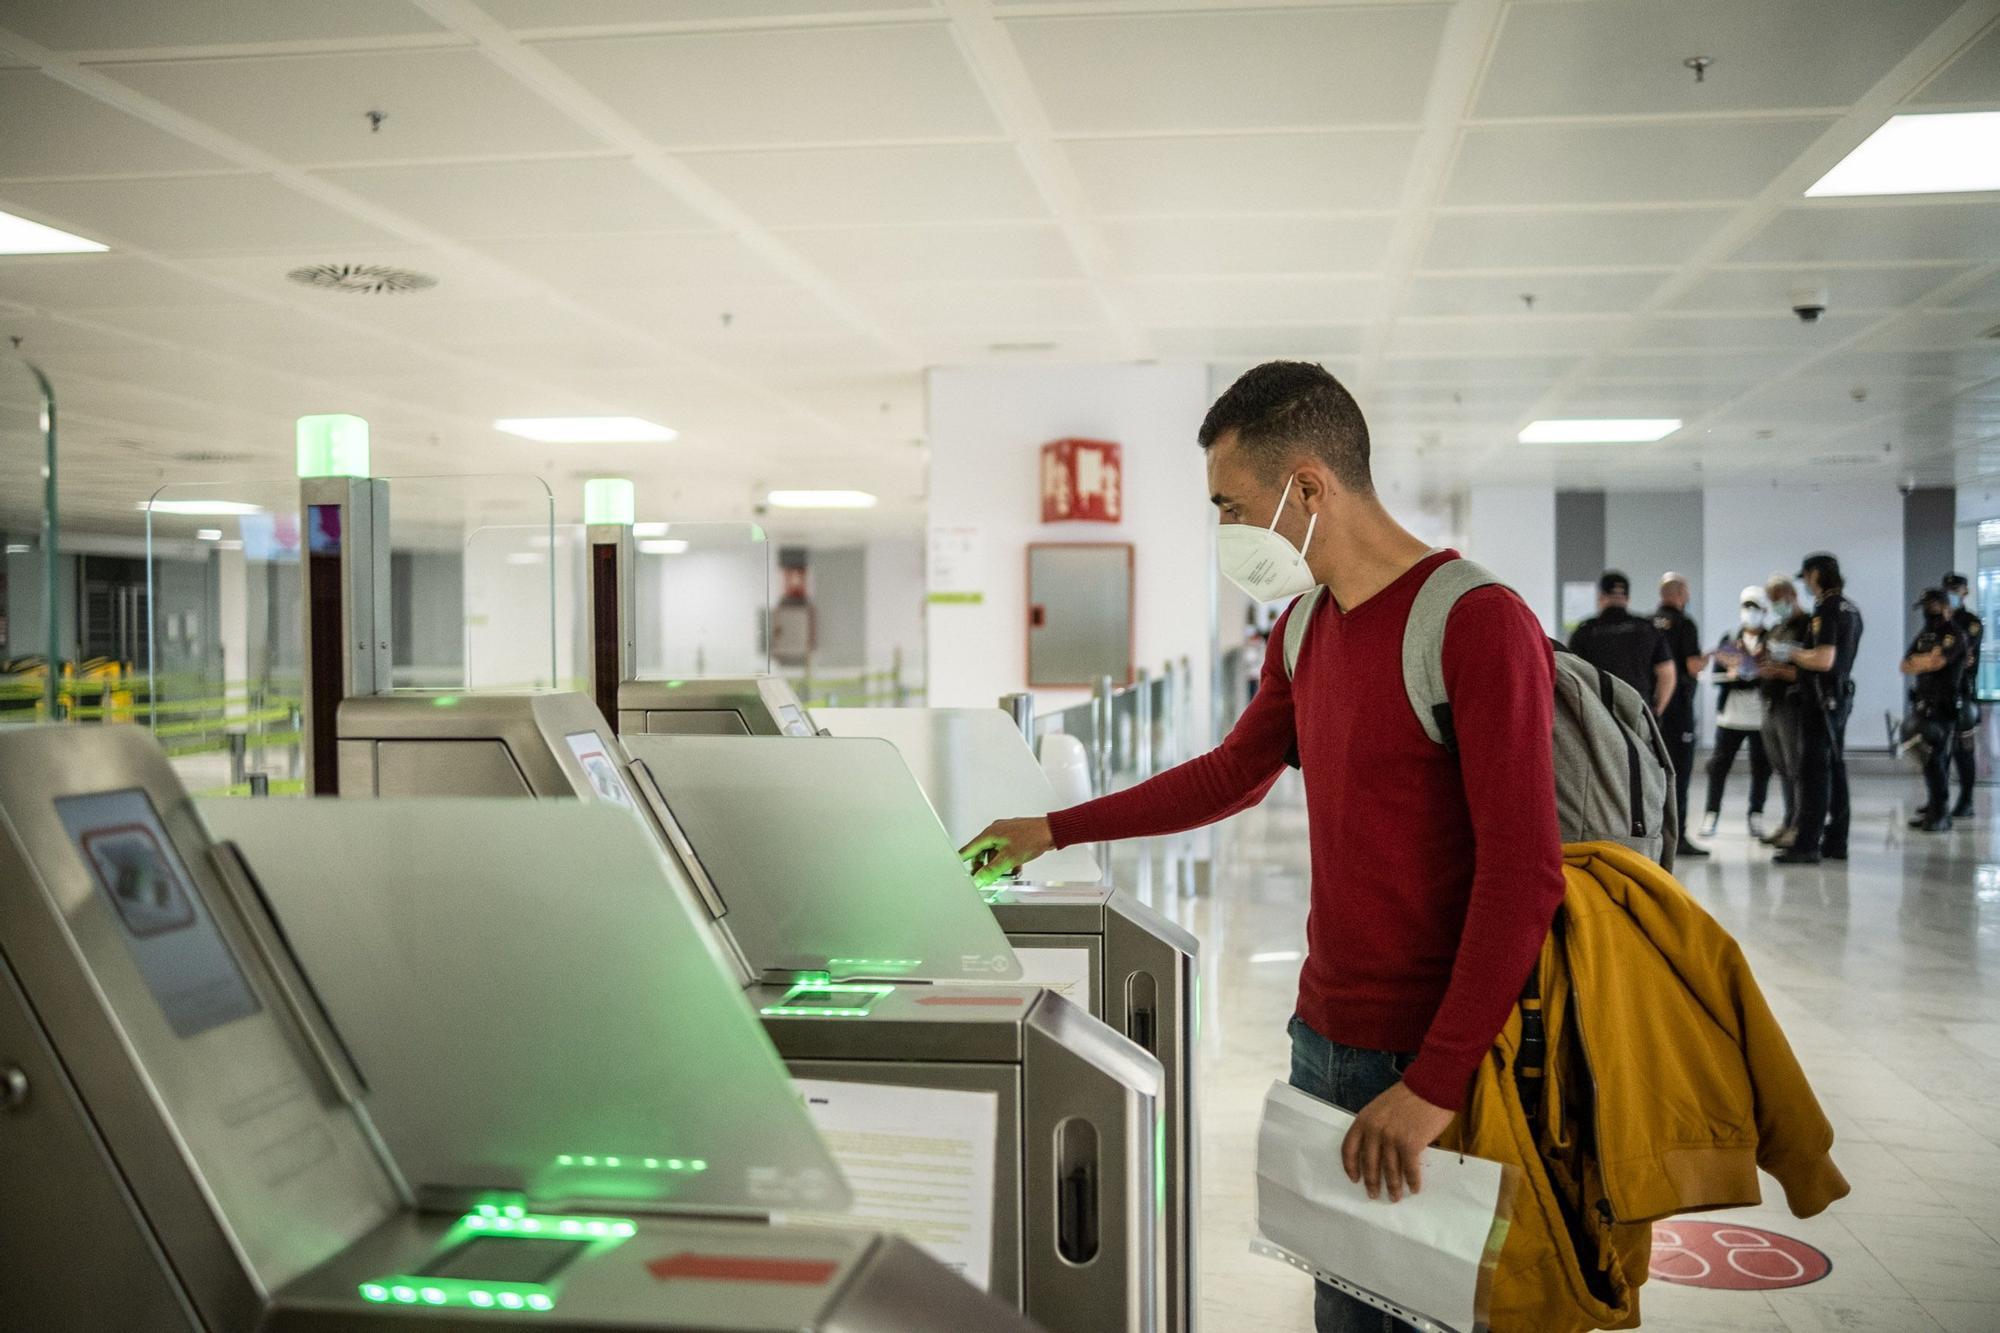 Veinte migrantes intentan viajar a la Península